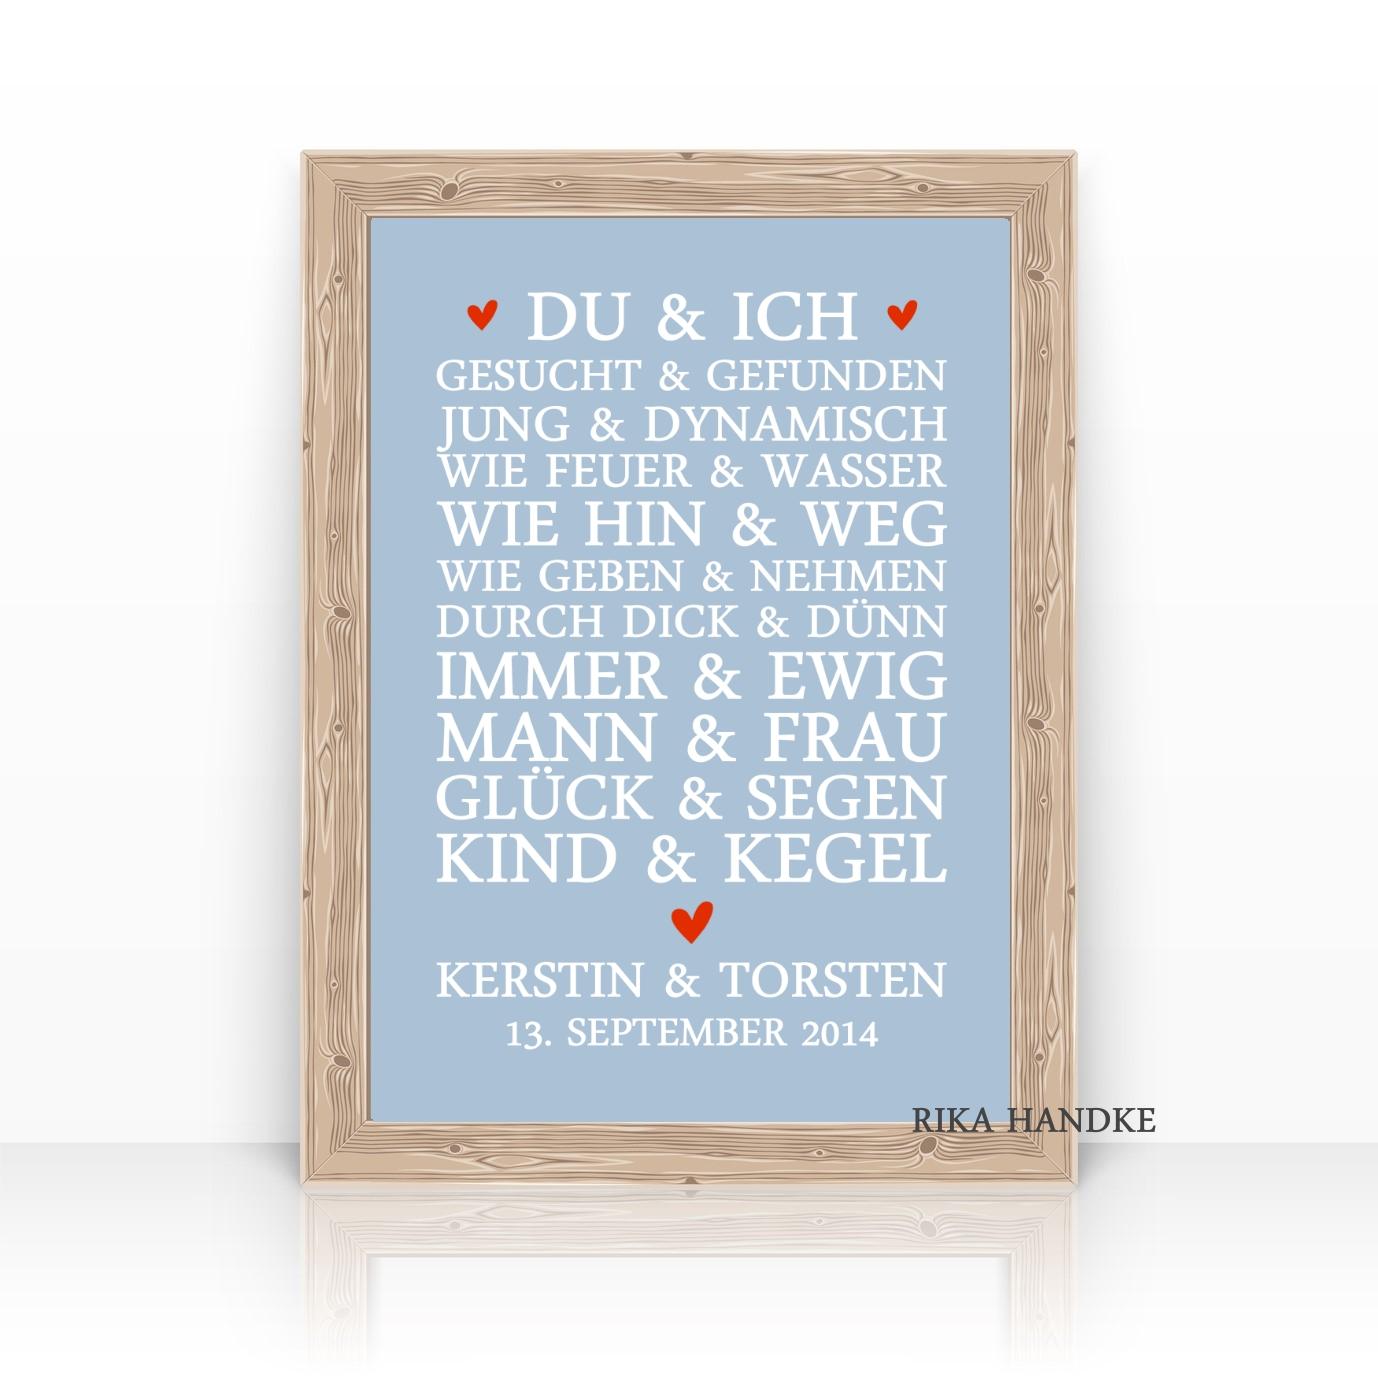 Hochzeitsgeschenk Personalisiertes Geschenk Hochzeit Du Ich